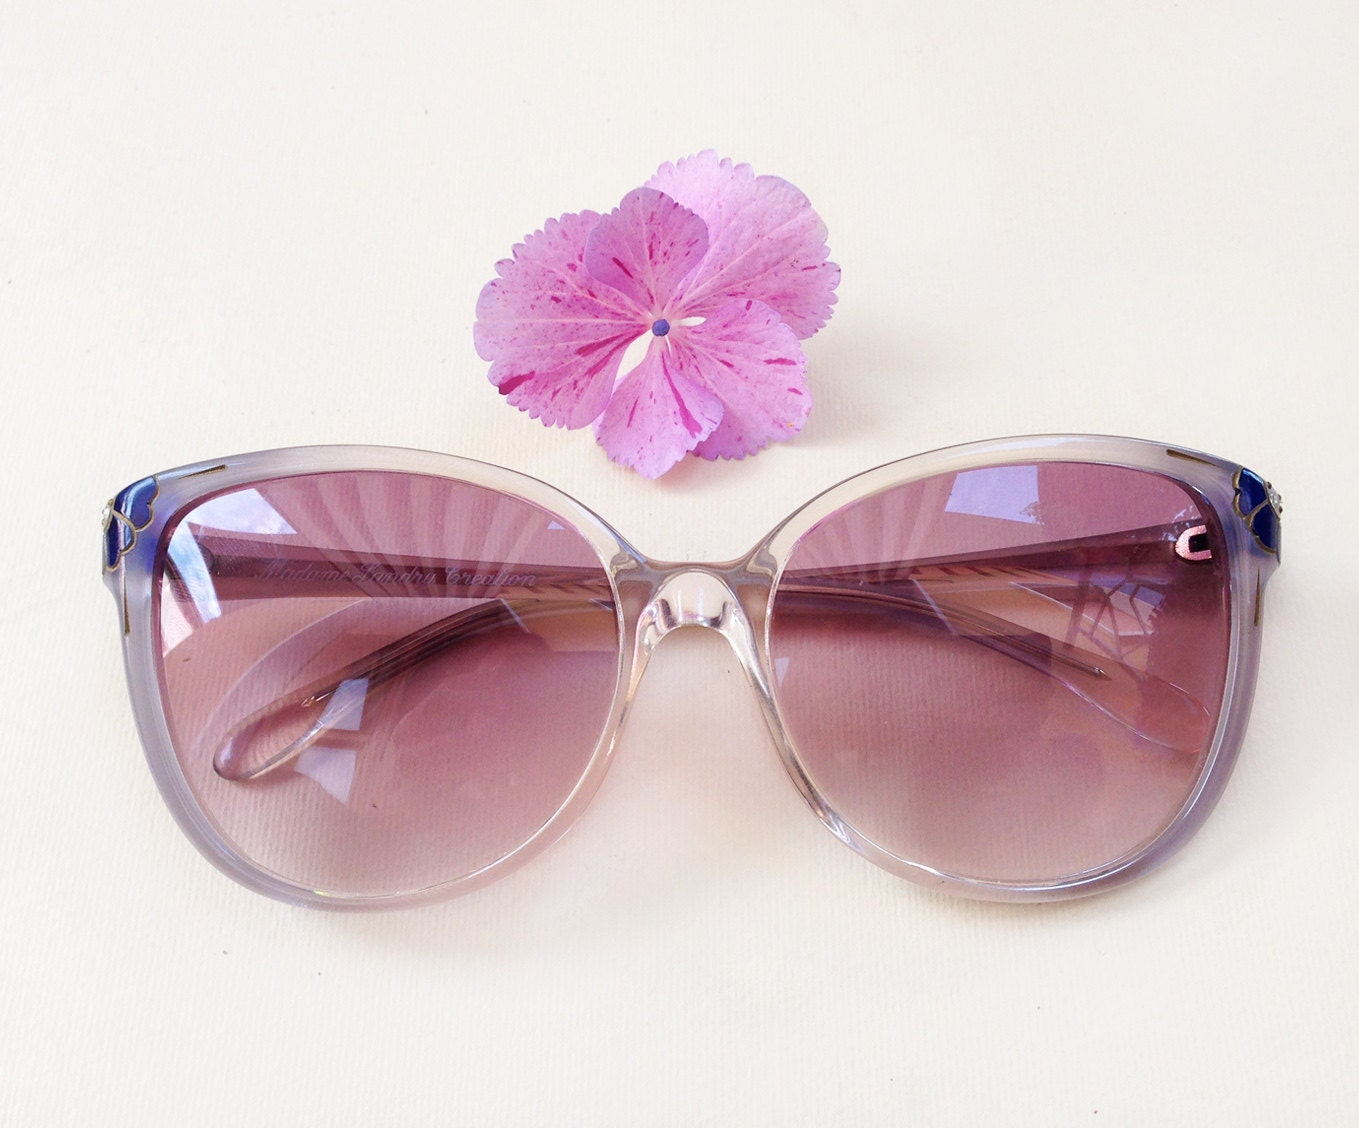 años 70 gafas de sol de diamantes de imitación vendimia stock